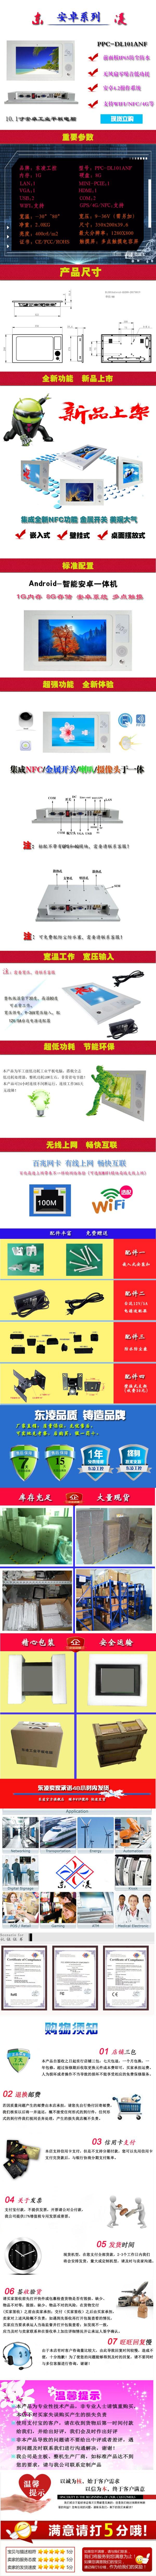 10寸安卓带NFC综合详情02